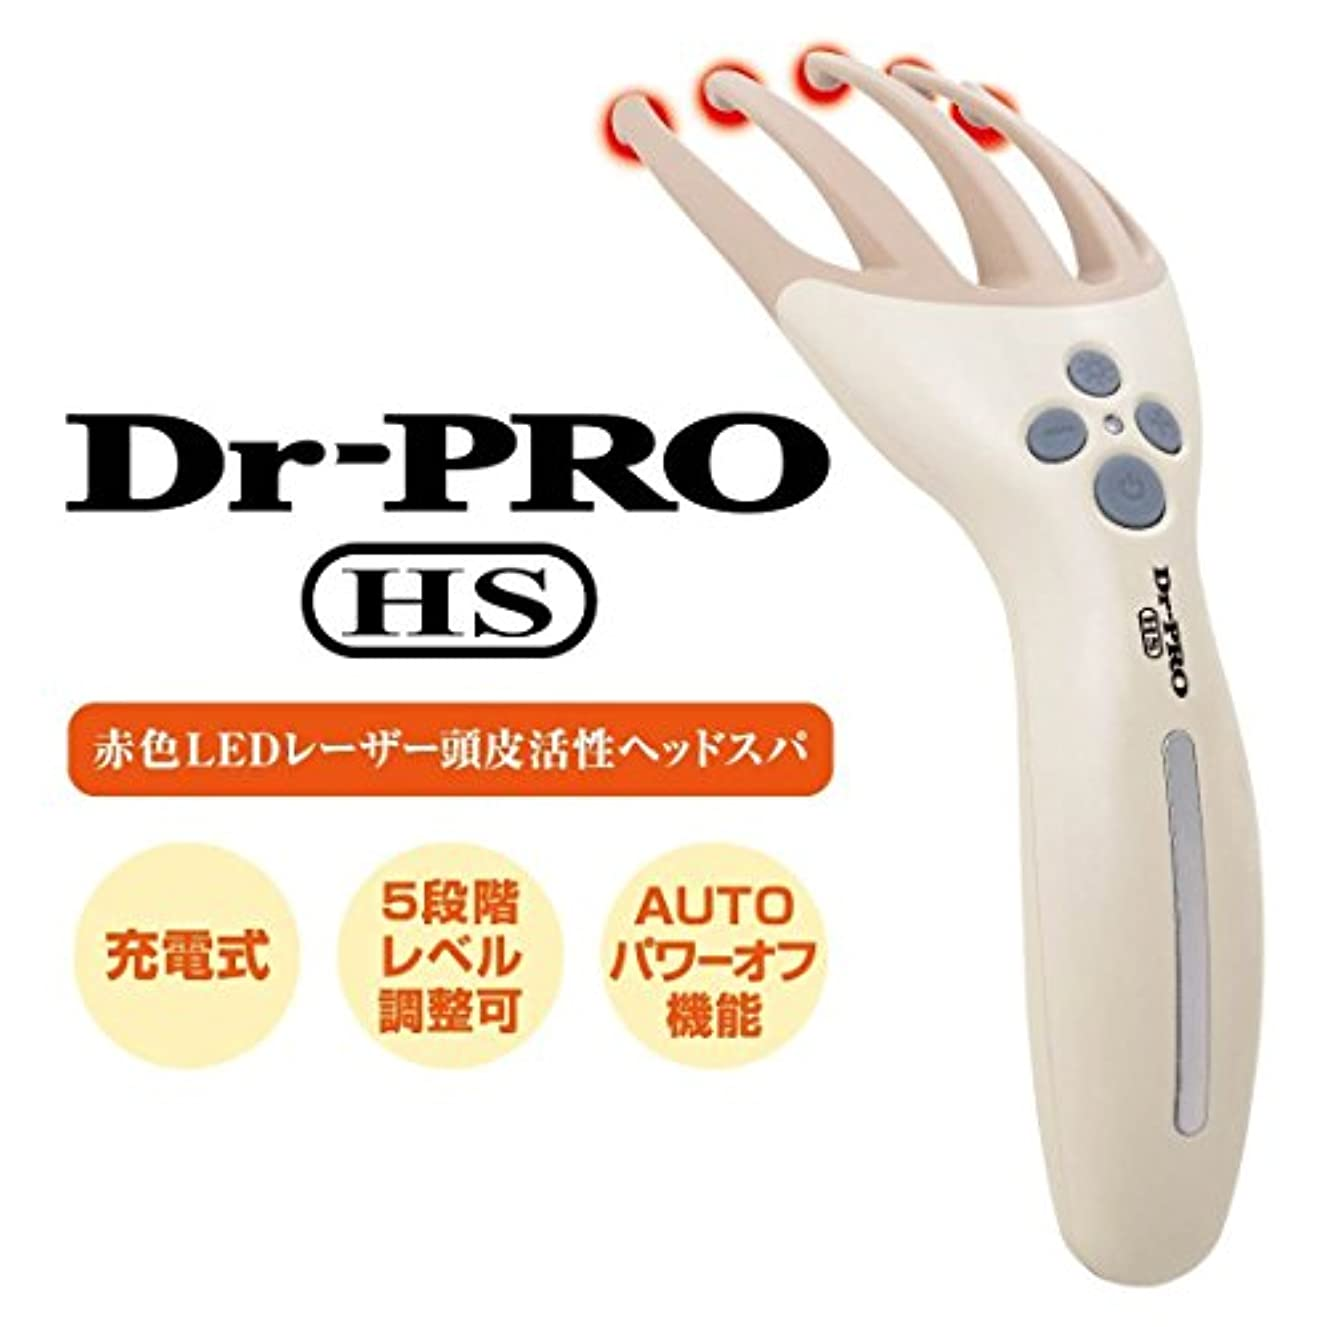 差別的人気のコーチDr-PRO HS(ドクタープロ ヘッドスパ)